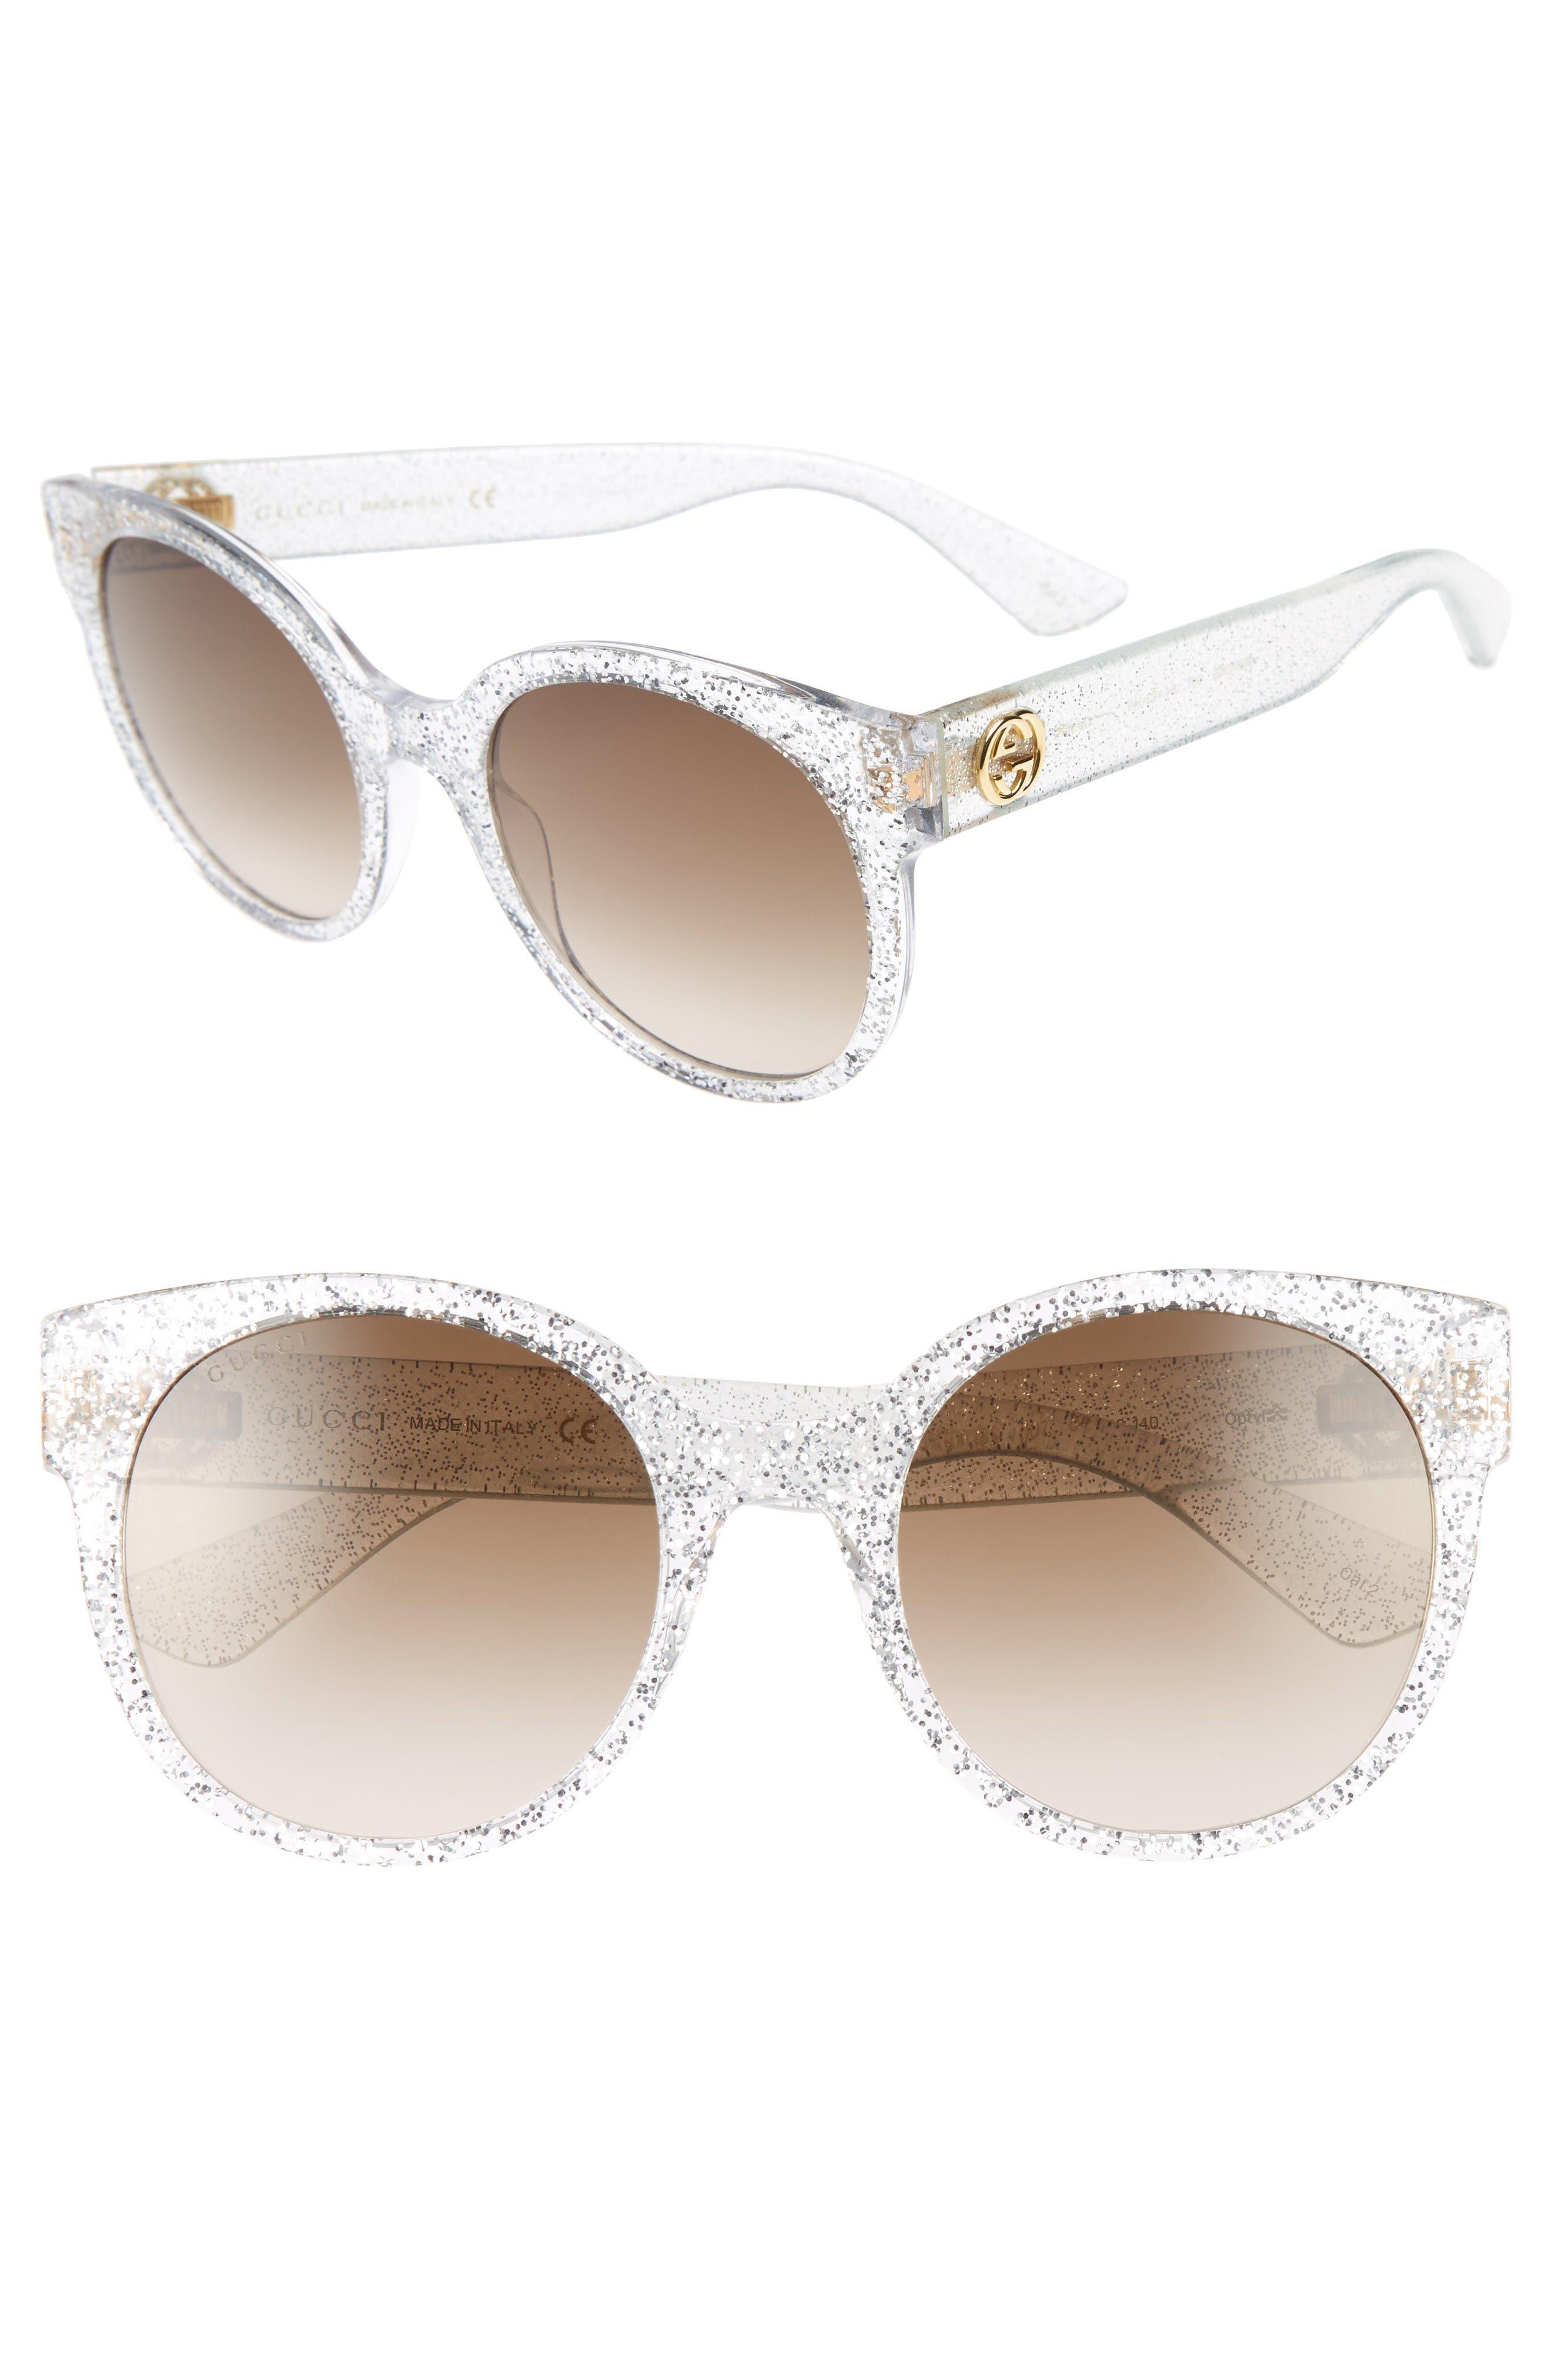 54mm Glitter Sunglasses,                         Main,                         color, Glitter Silver/ Brown